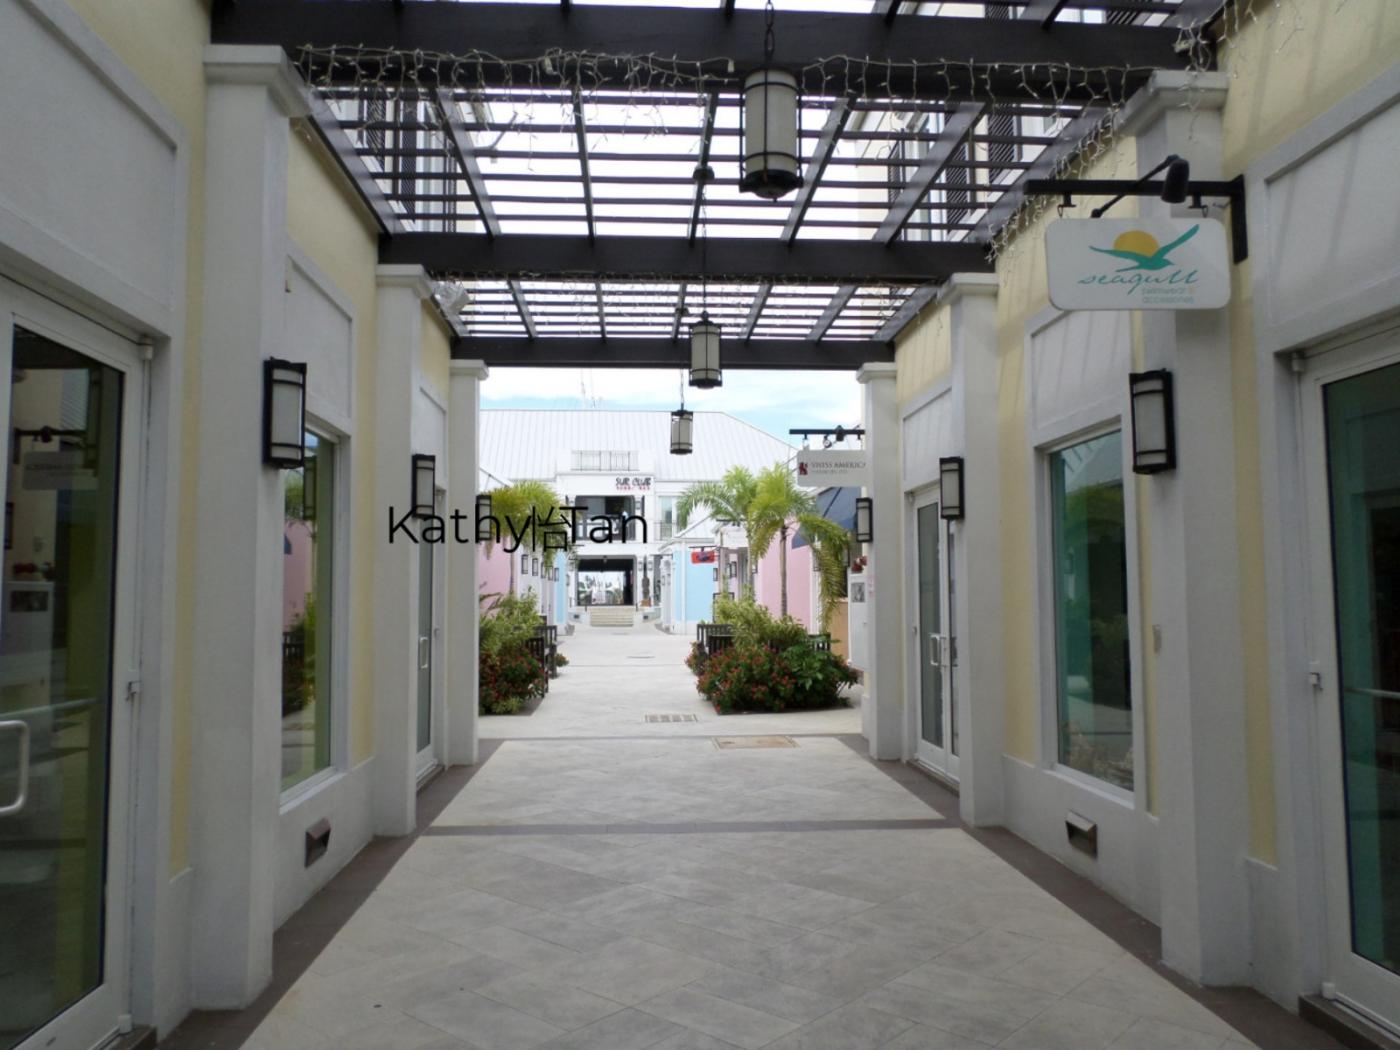 神秘加勒比海南国小镇_图1-19